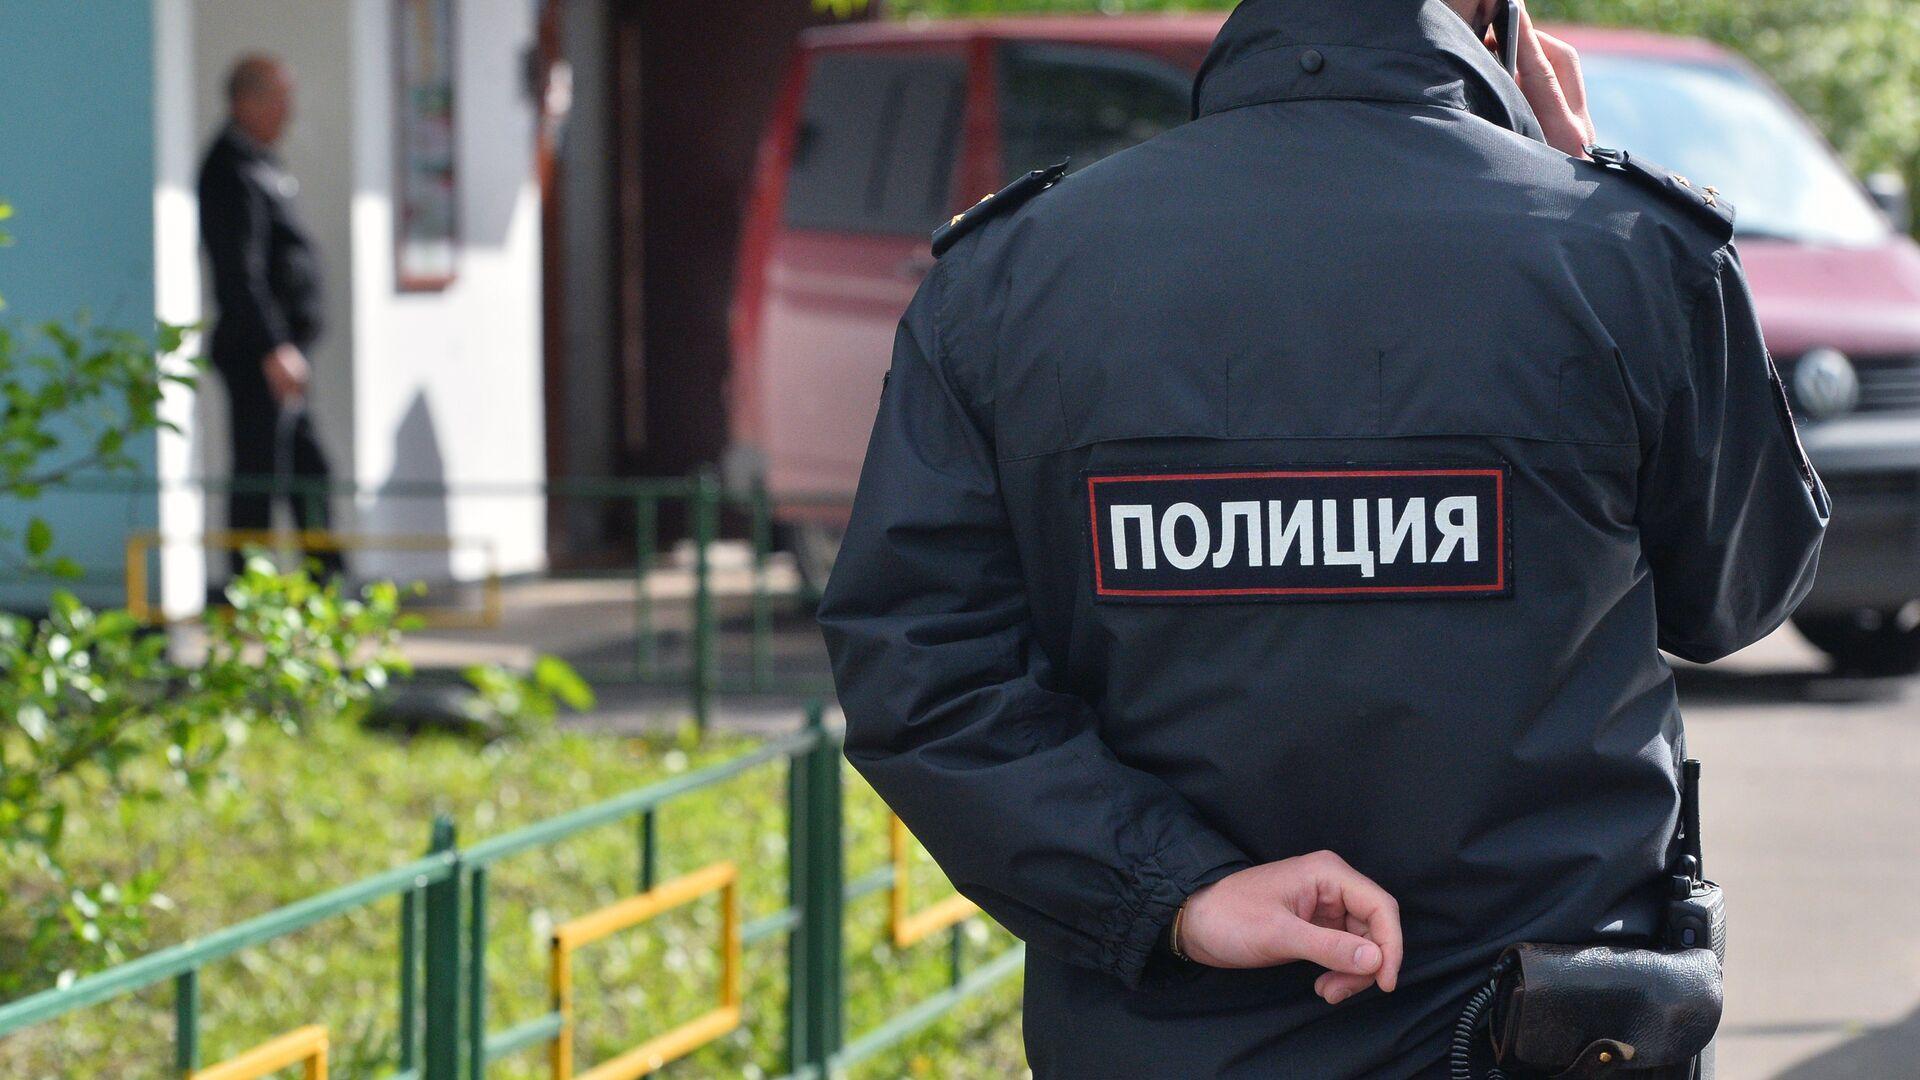 Сотрудник полиции на месте преступления - РИА Новости, 1920, 15.09.2019